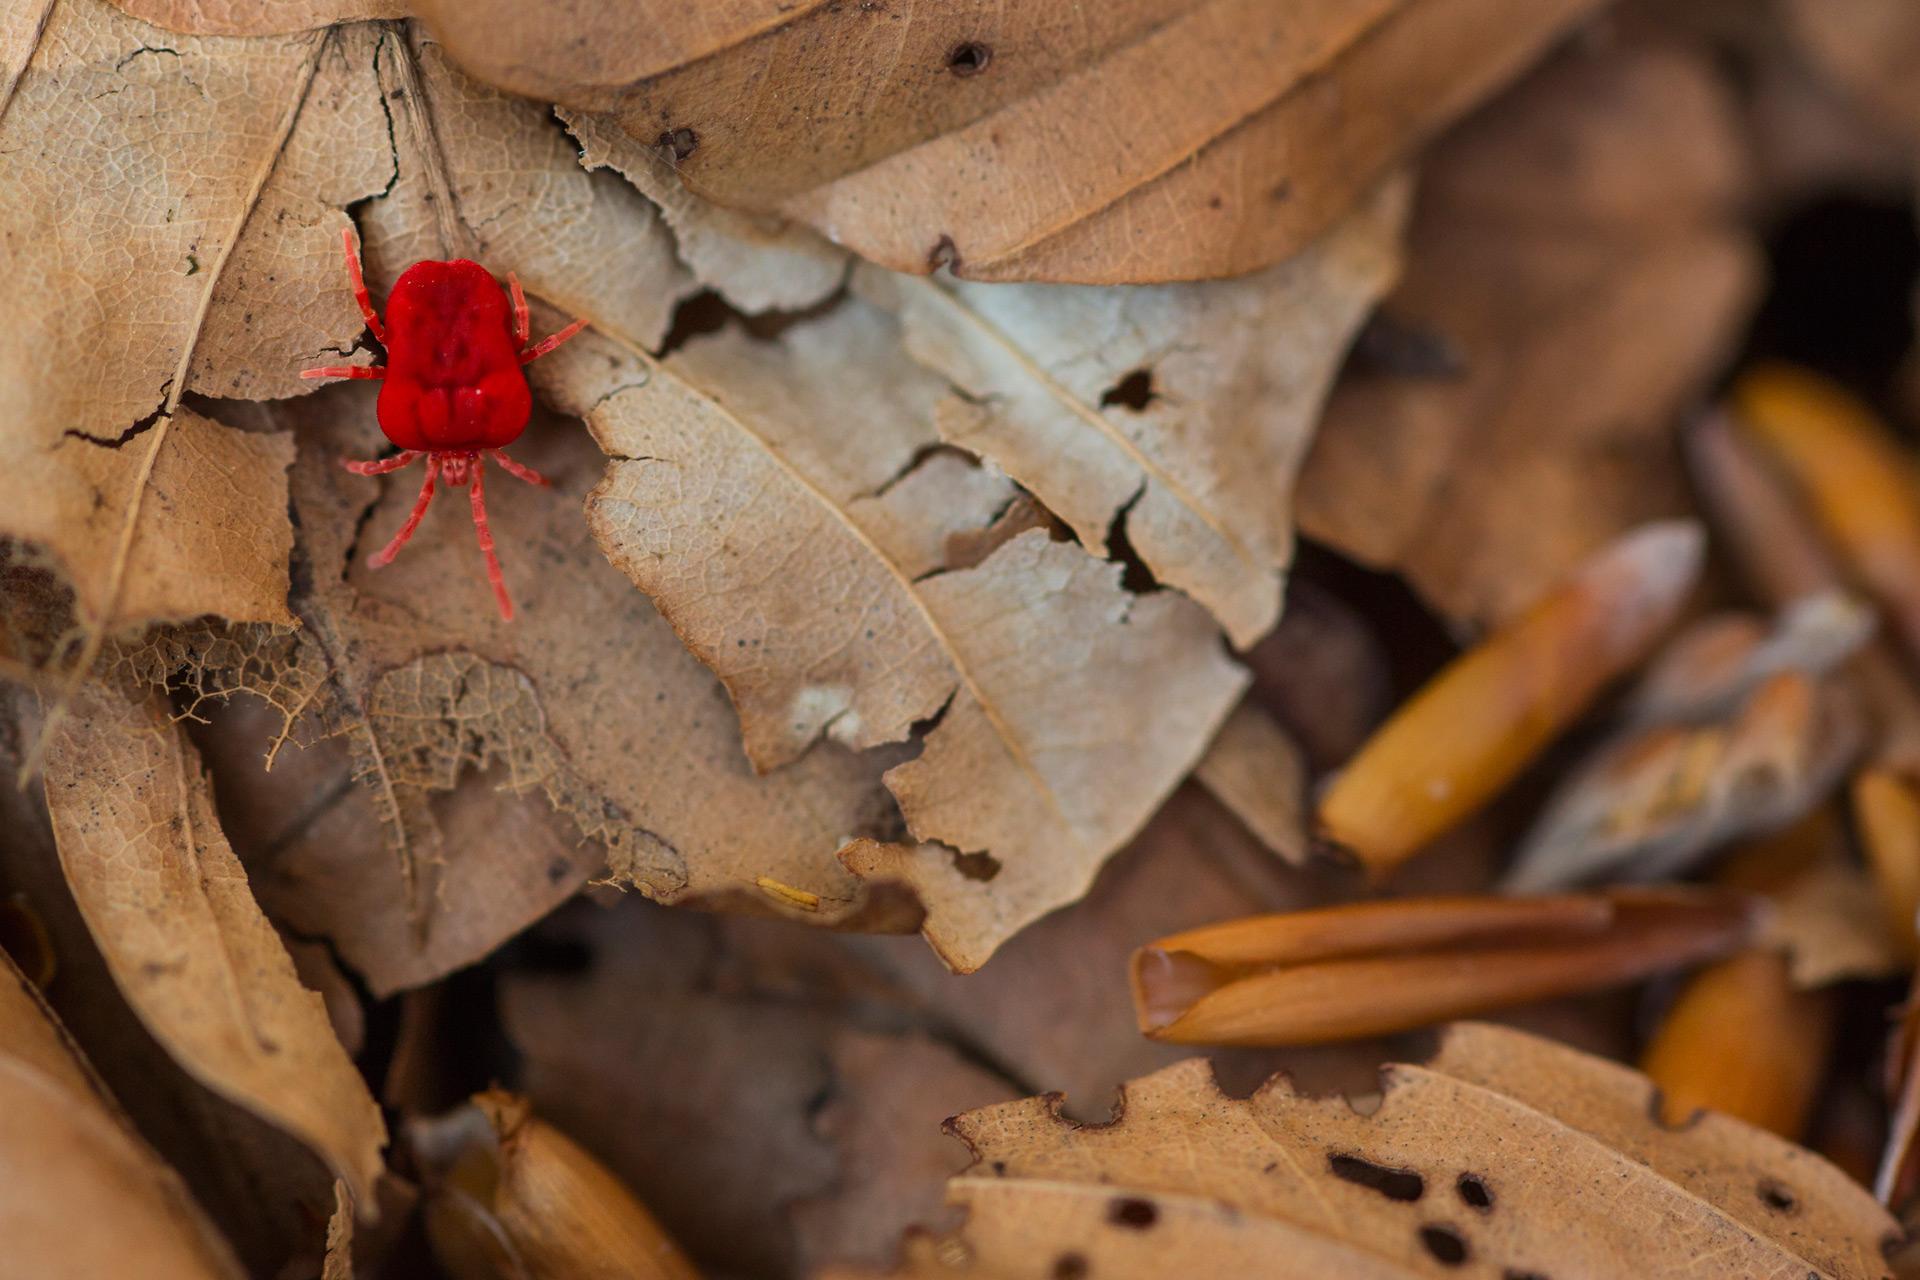 Un piccolo acaro del genere Trombidium, coloratissimo abitante delle faggete mature ed instancabile predatore di collemboli e piccoli invertebrati del suolo